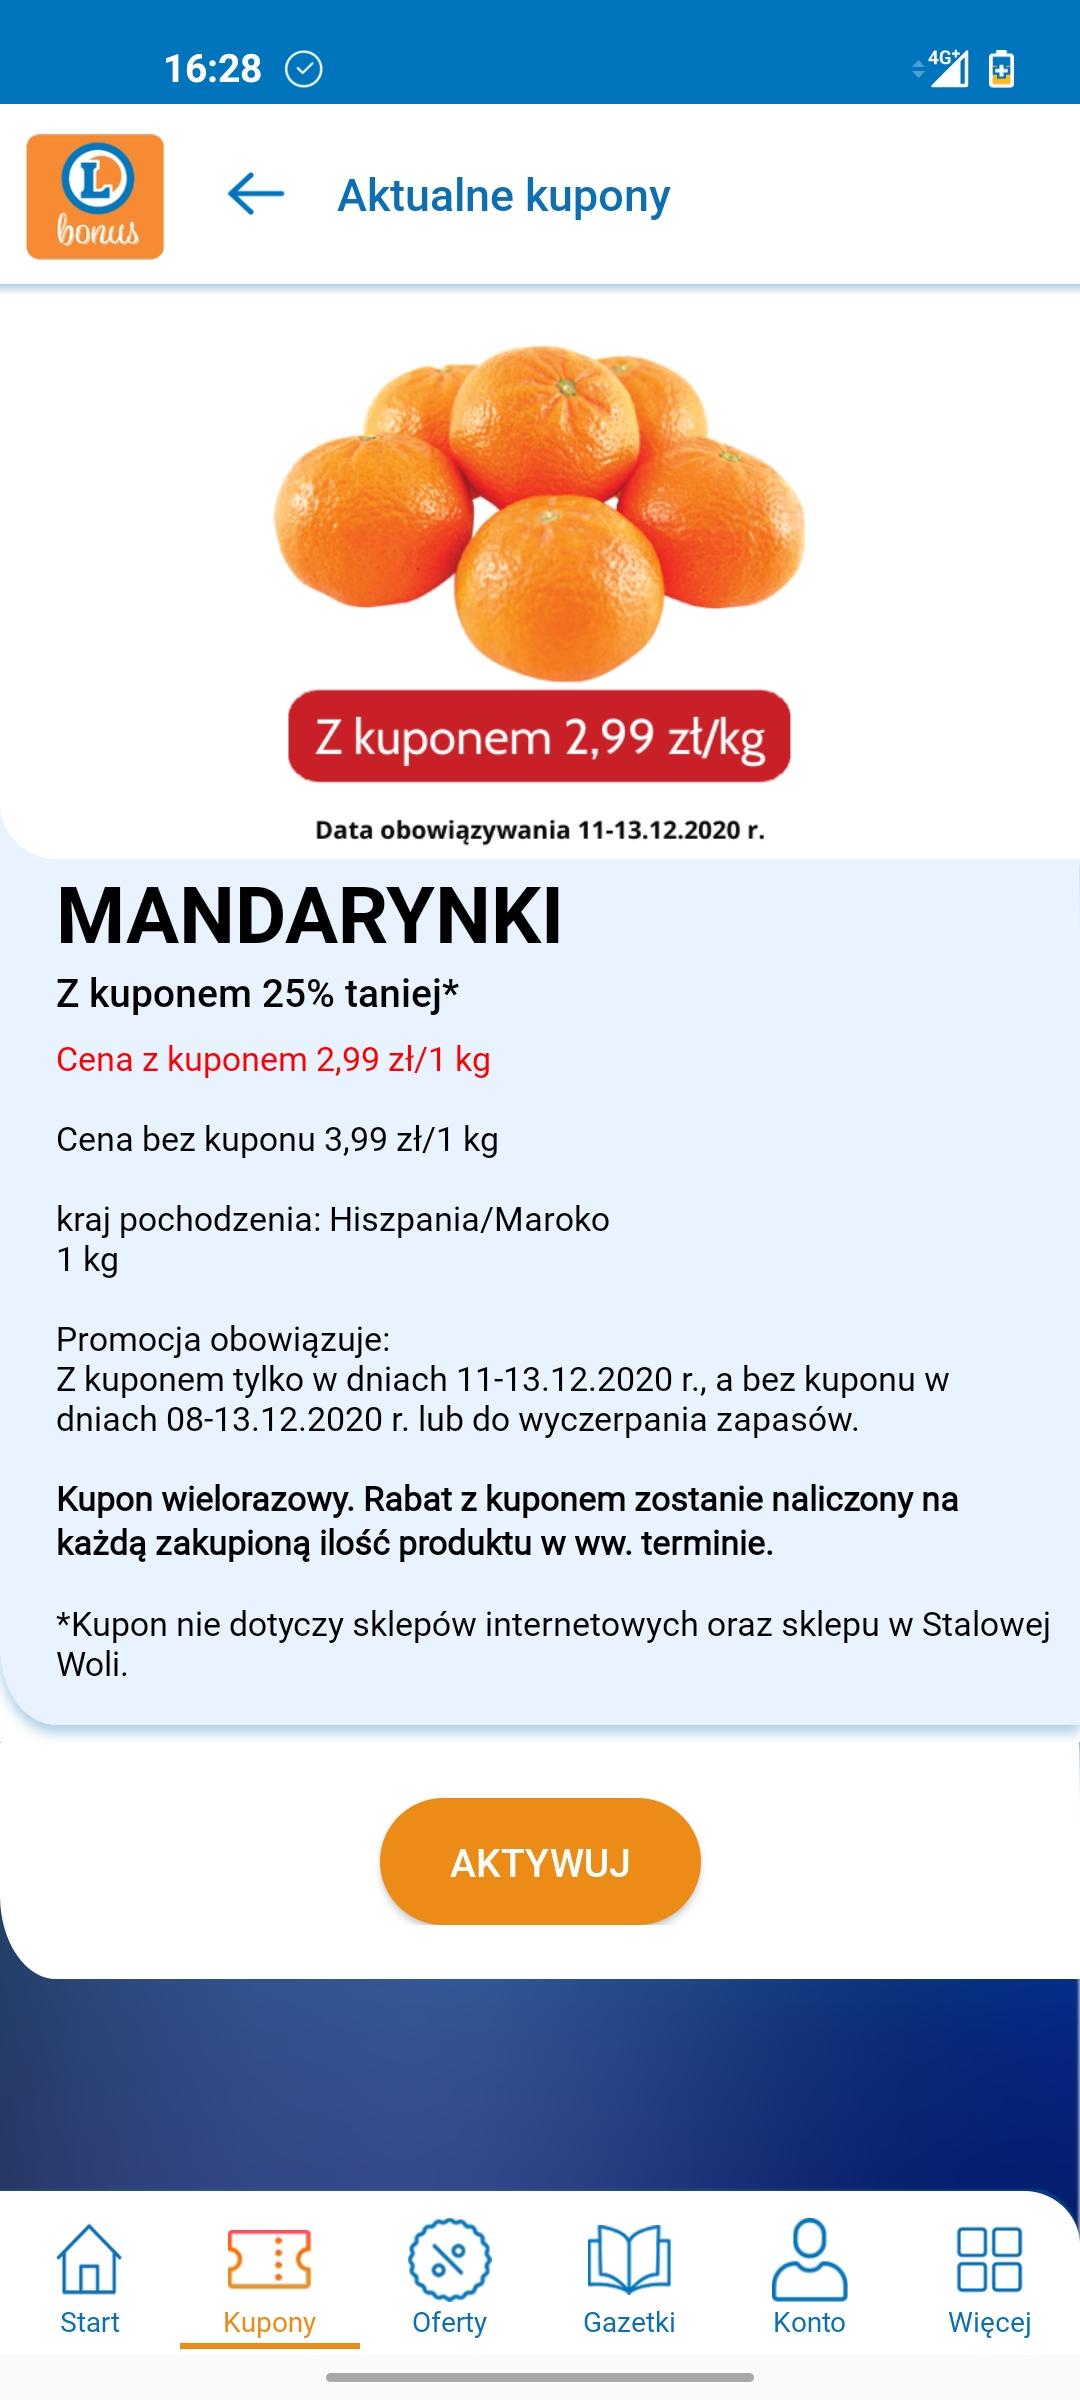 Mandarynki 2,99zł/kg z kuponem w aplikacji Leclerc